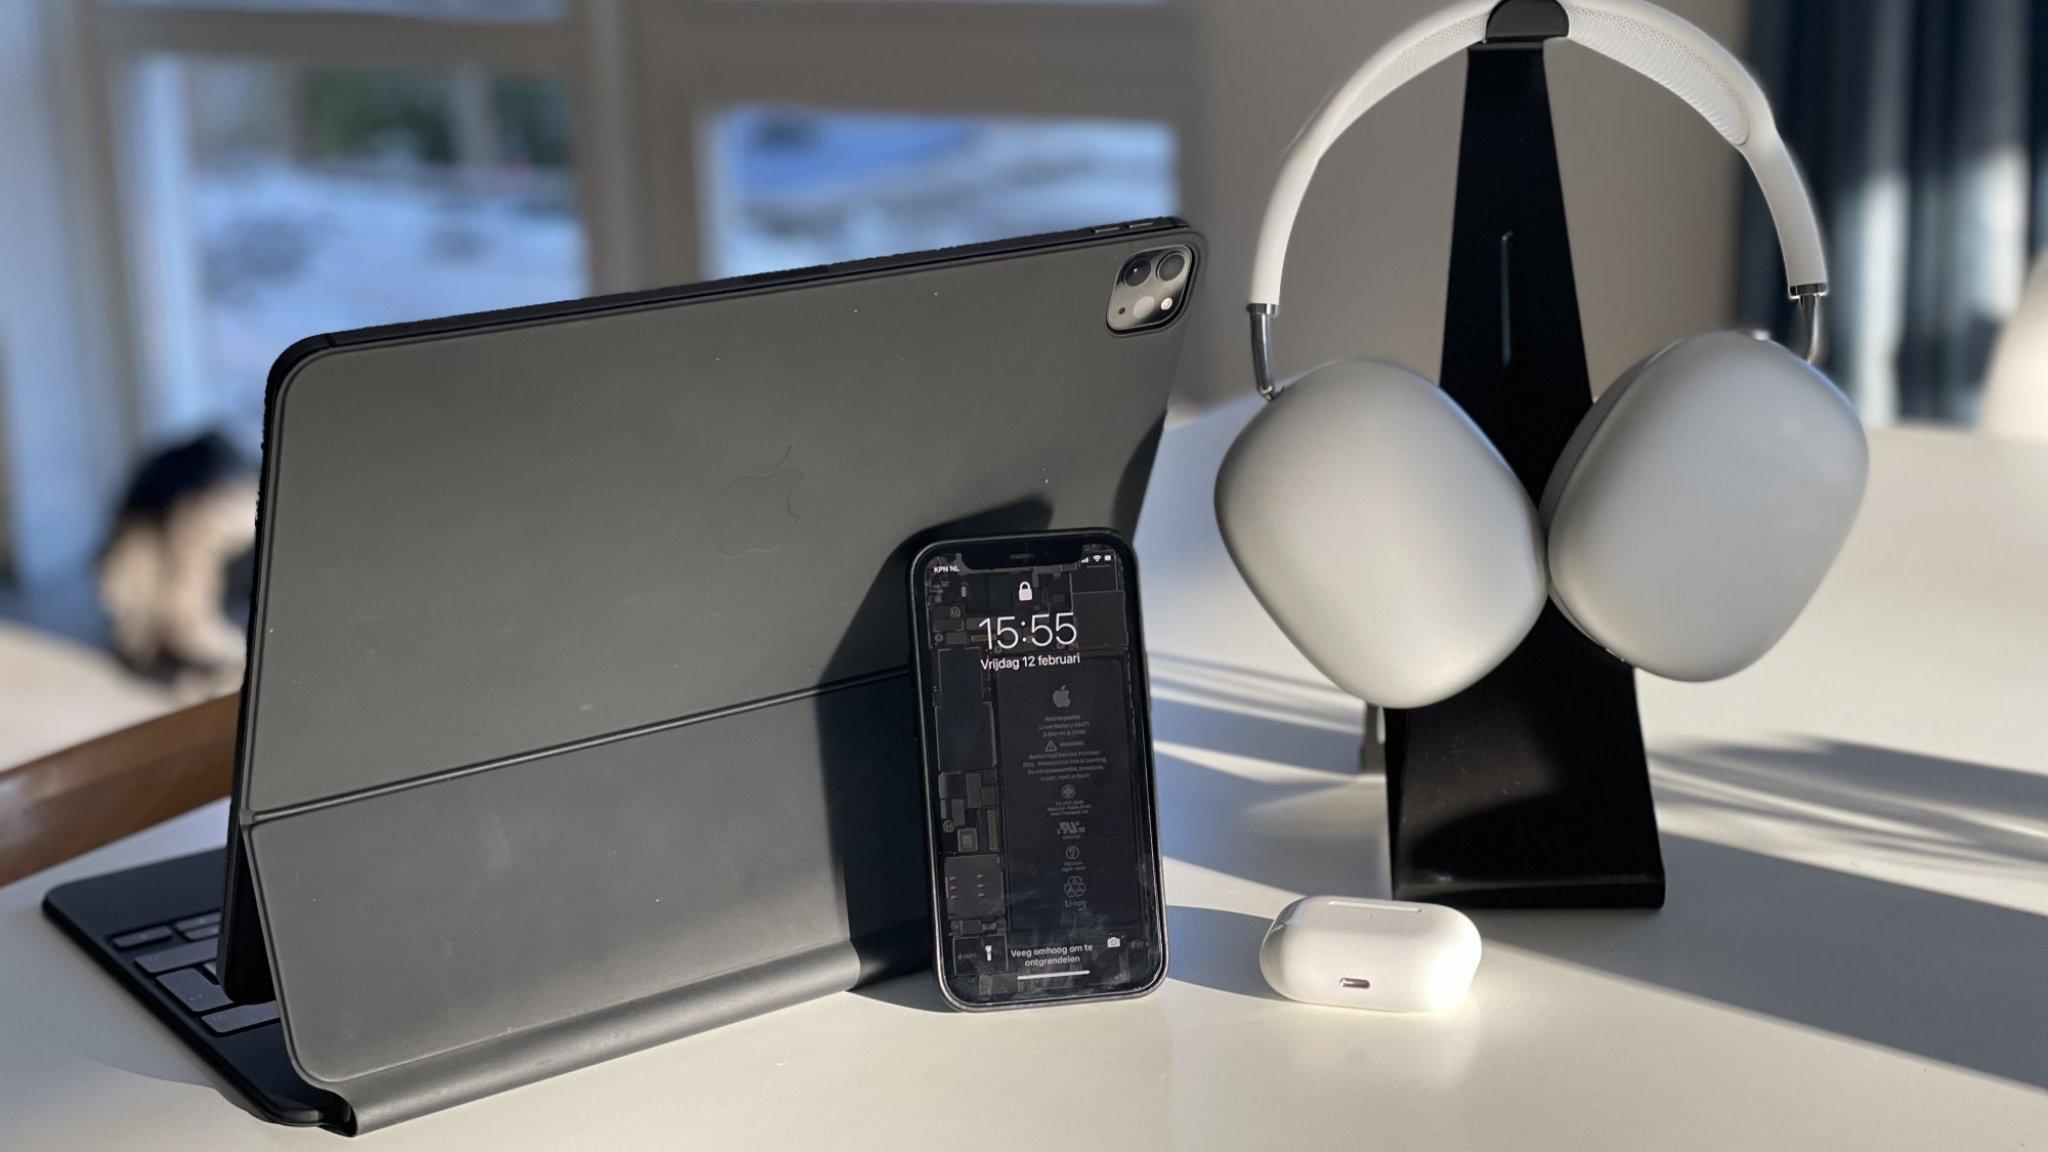 Bright legt uit Apple-ecosysteem: vloek of zegen? - RTL Nieuws